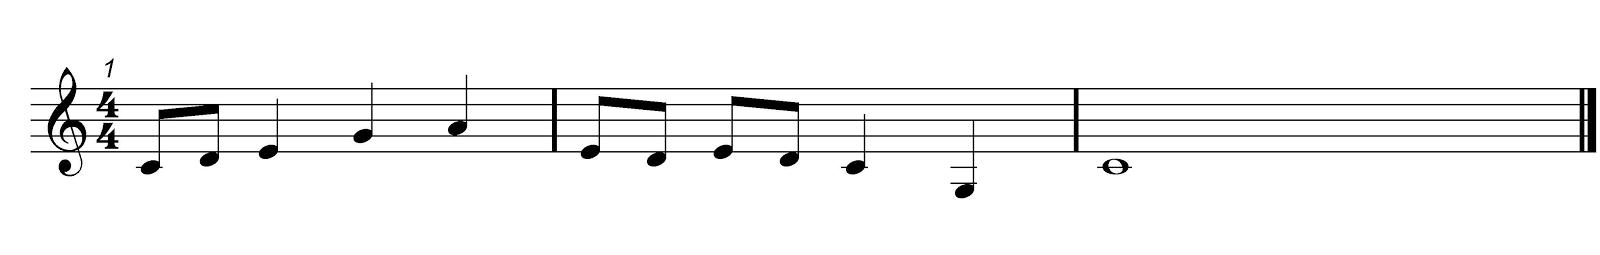 Pentatonic Solfa Melody 1 Score 1